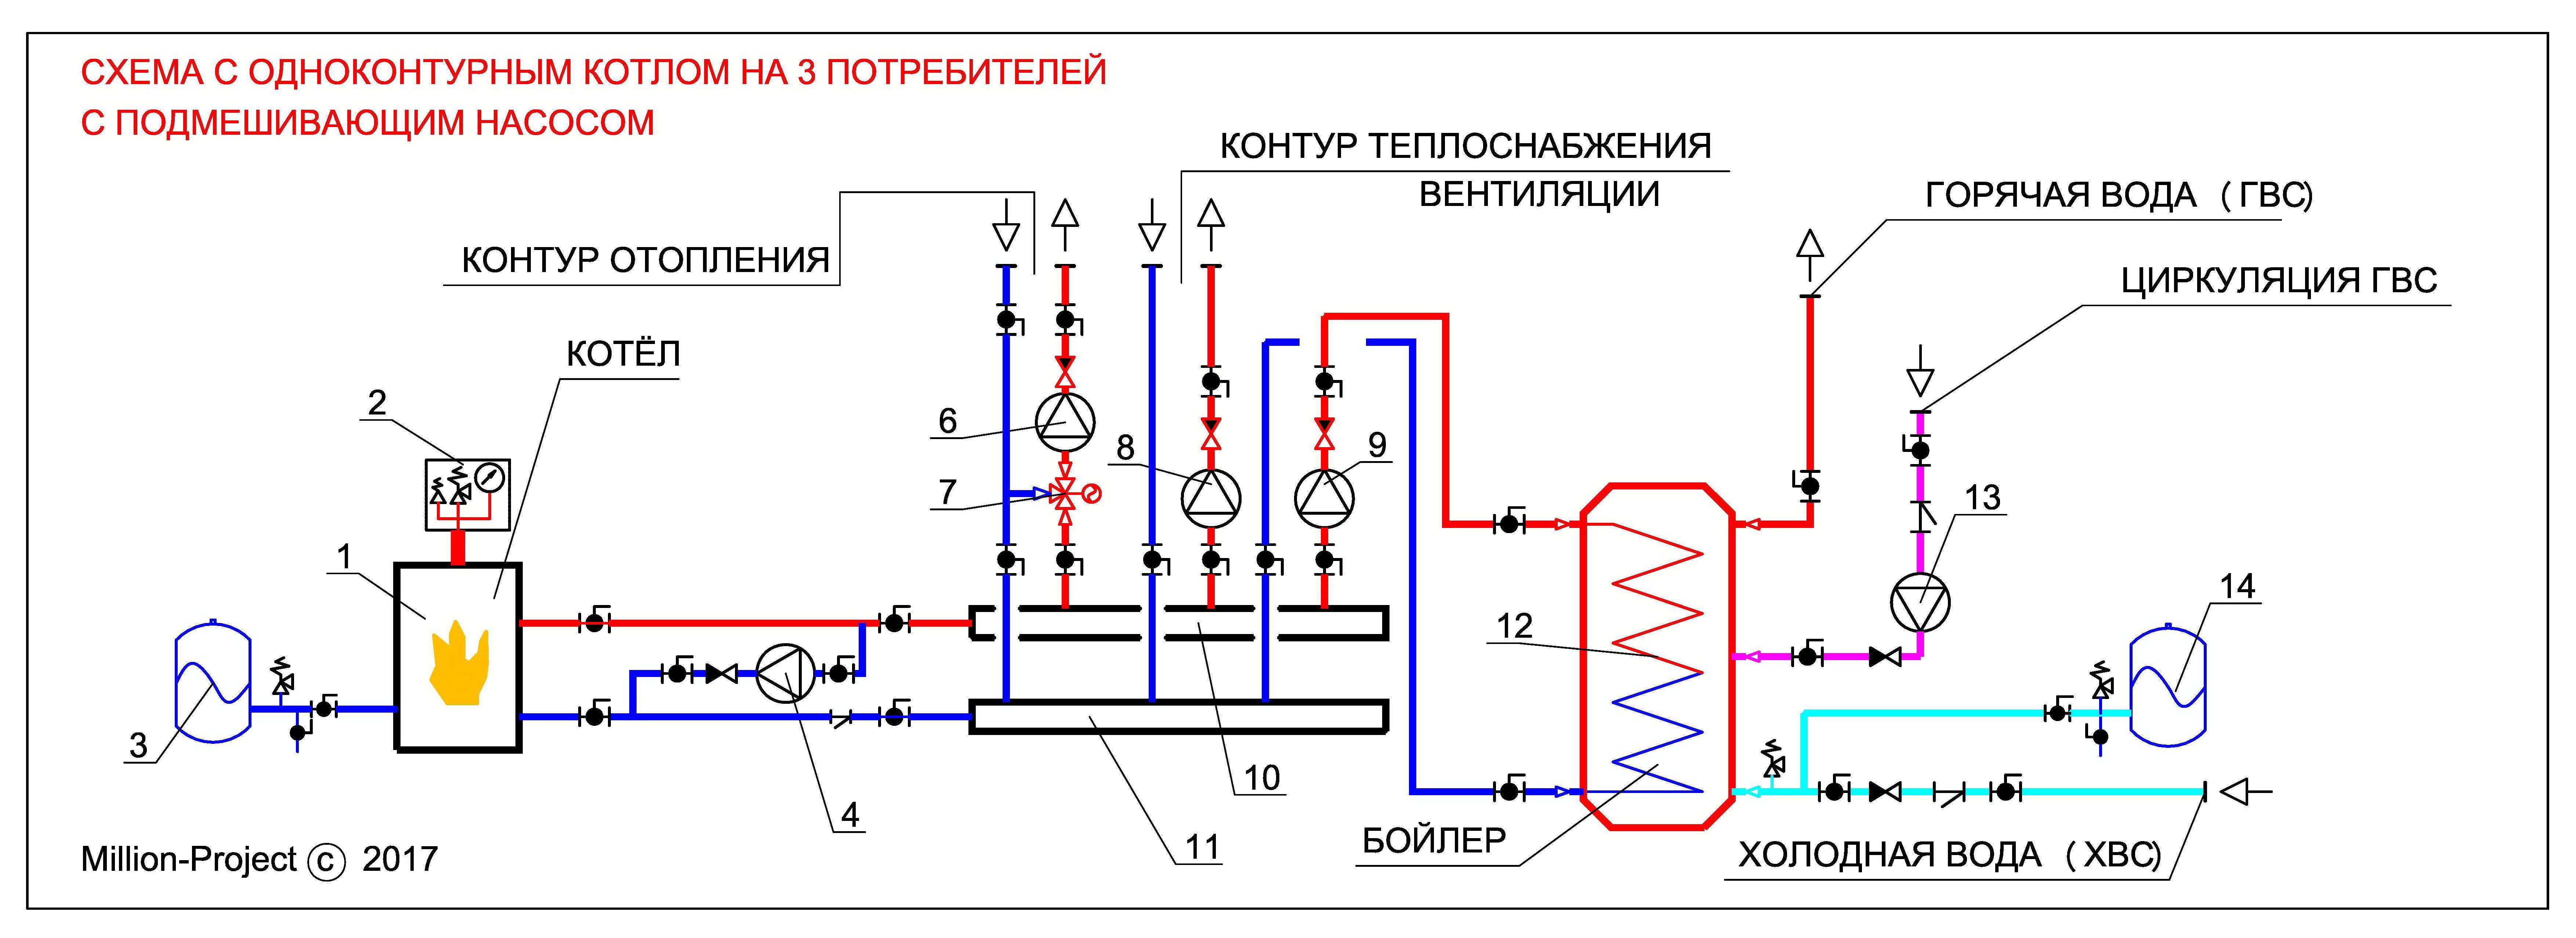 Схема системы отопления с терморегуляторами